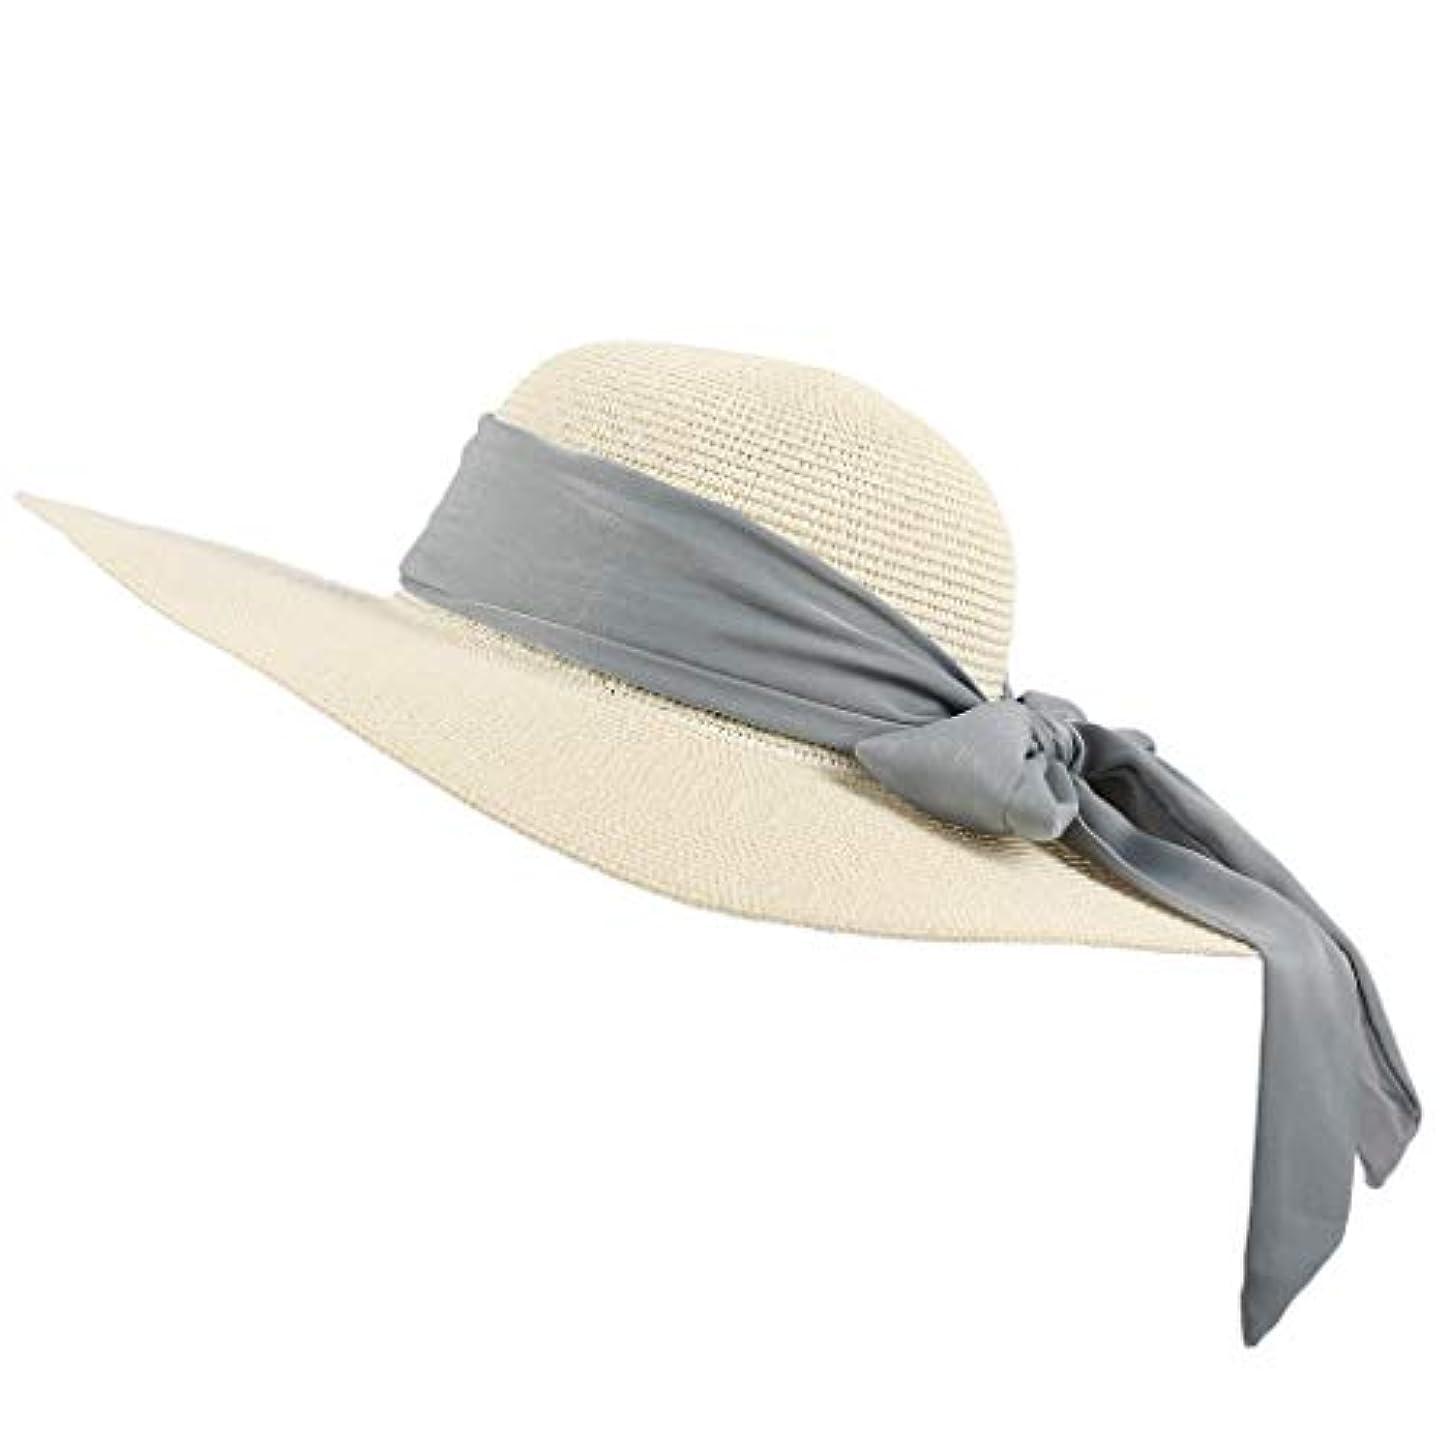 絡まる仕事に行く細部帽子 レディース ROSE ROMAN UVカット ハット 紫外線対策 可愛い 小顔効果抜群 日よけ つば広 おしゃれ 可愛い 夏季 海 旅行 無地 ビーチ 海辺 ワイルド パーティー ダンスパーティー パーティー シンプル 発送